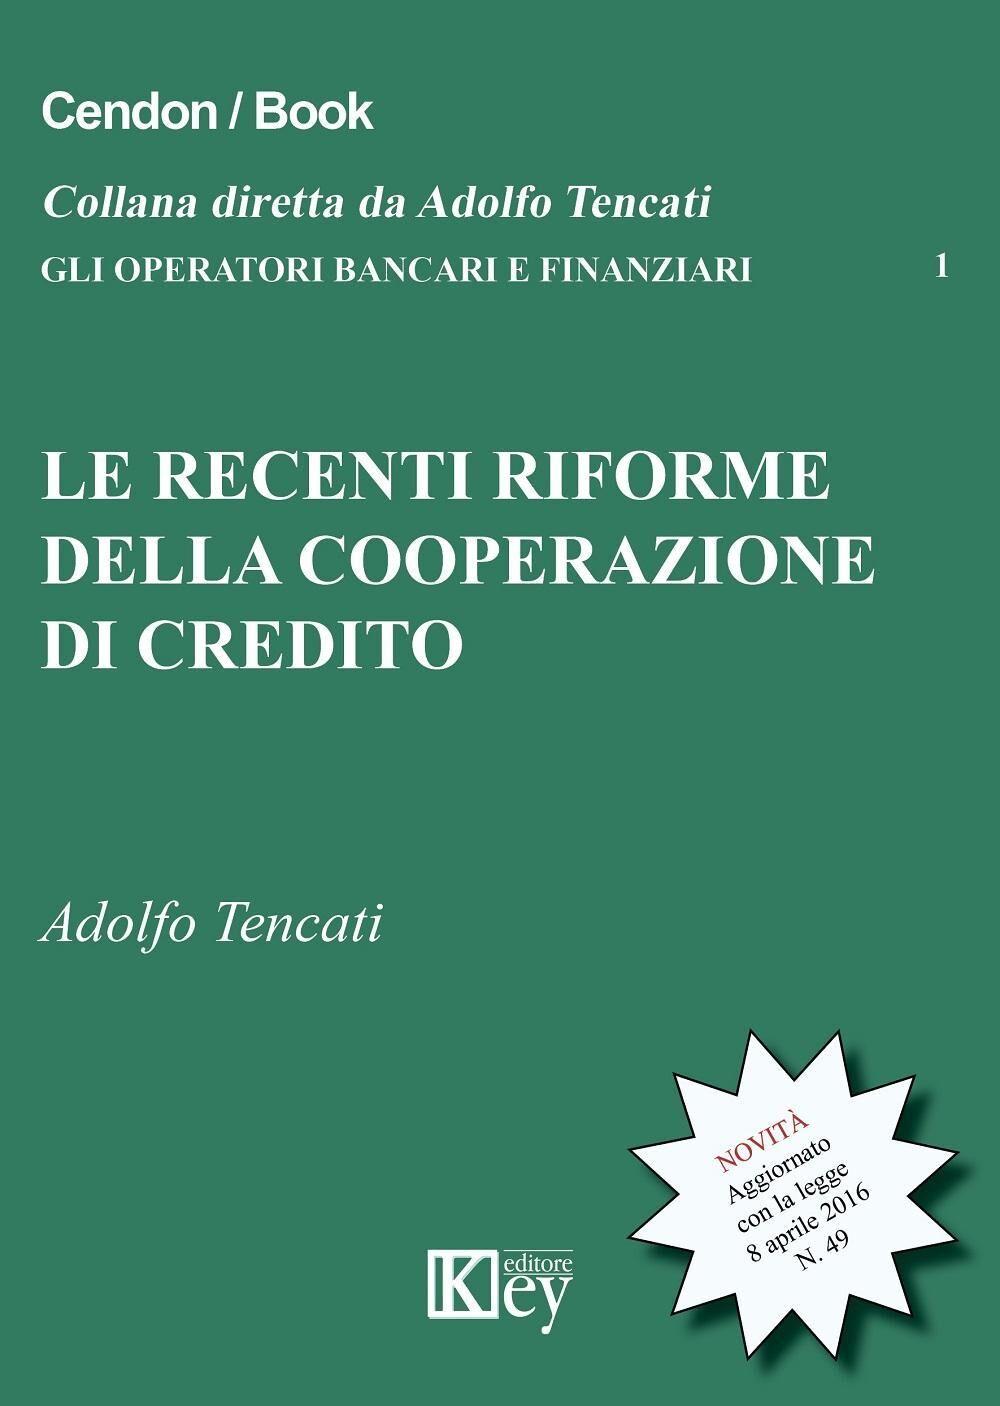 Le recenti riforme della cooperazione del credito